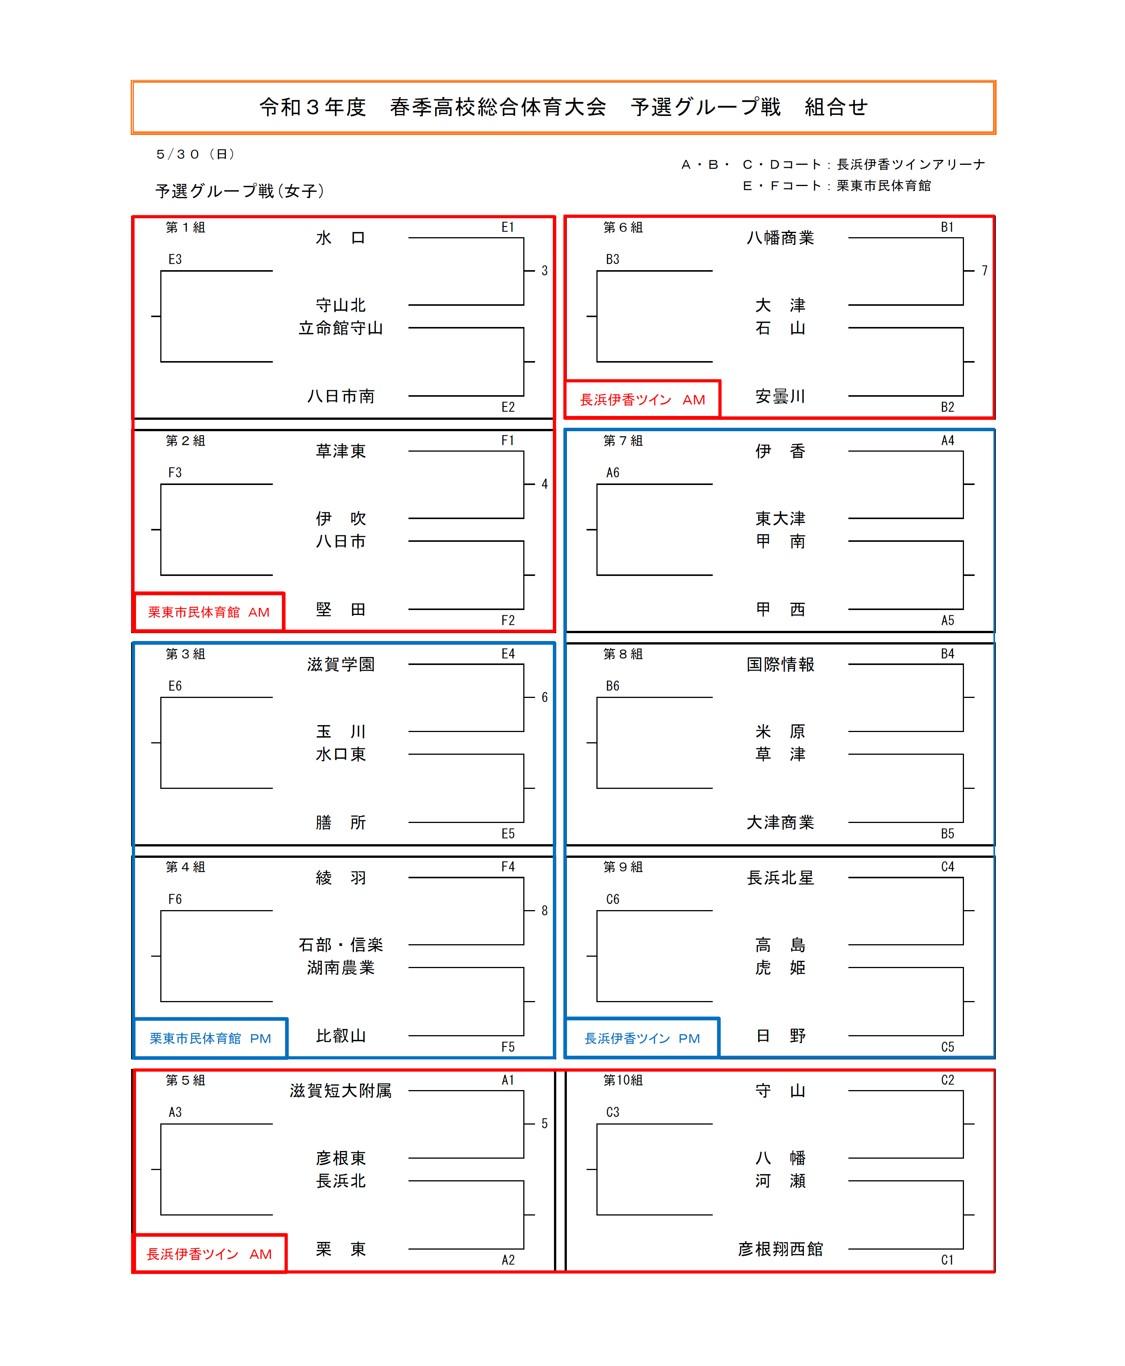 2021年度_インターハイ予選_滋賀県予選_女子_組合せ1